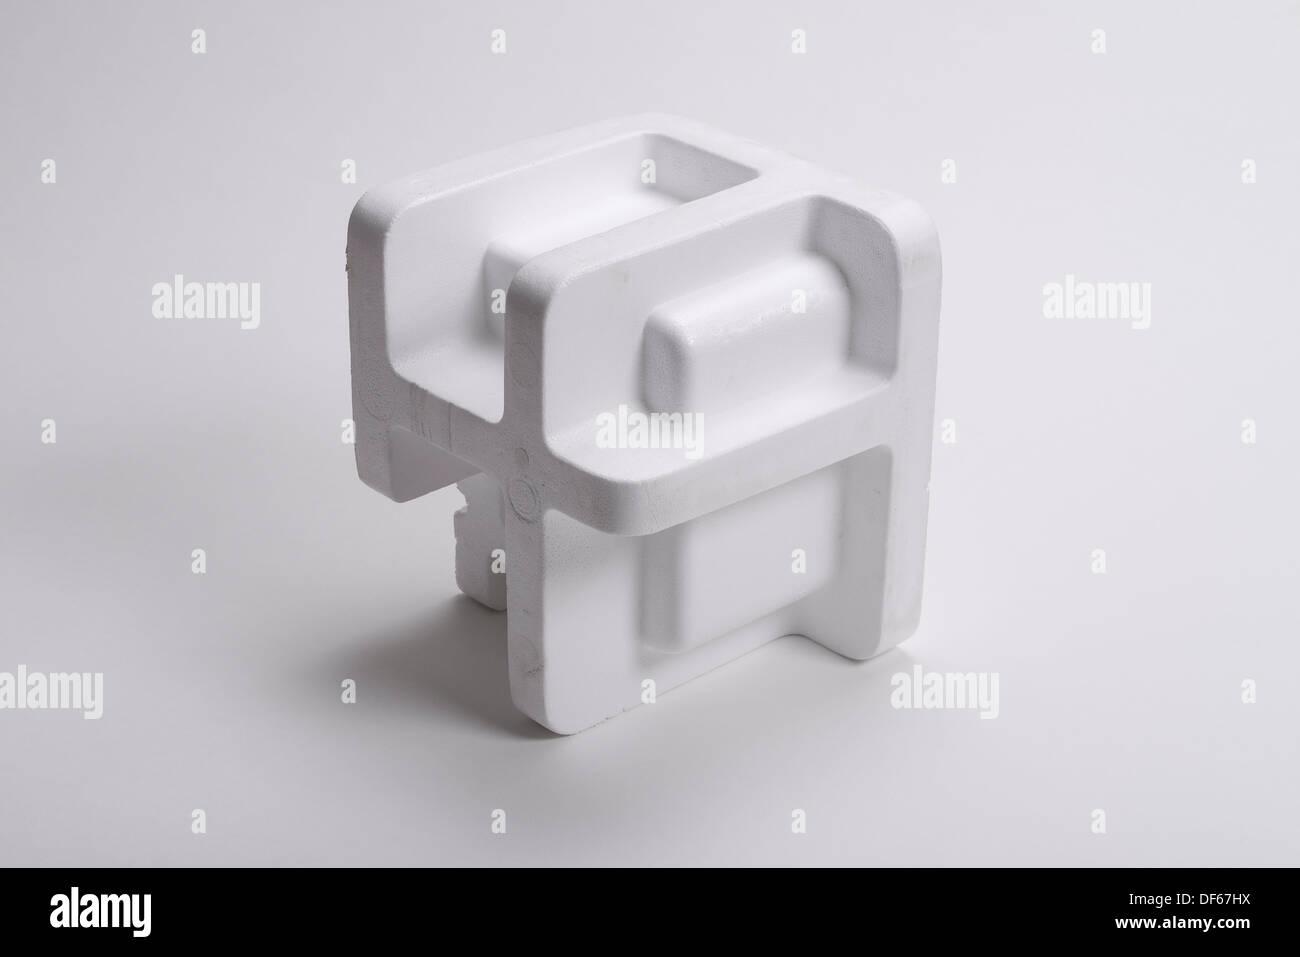 Pezzo di polistirene bianco sagomato come un pezzo di materiale di imballaggio Immagini Stock